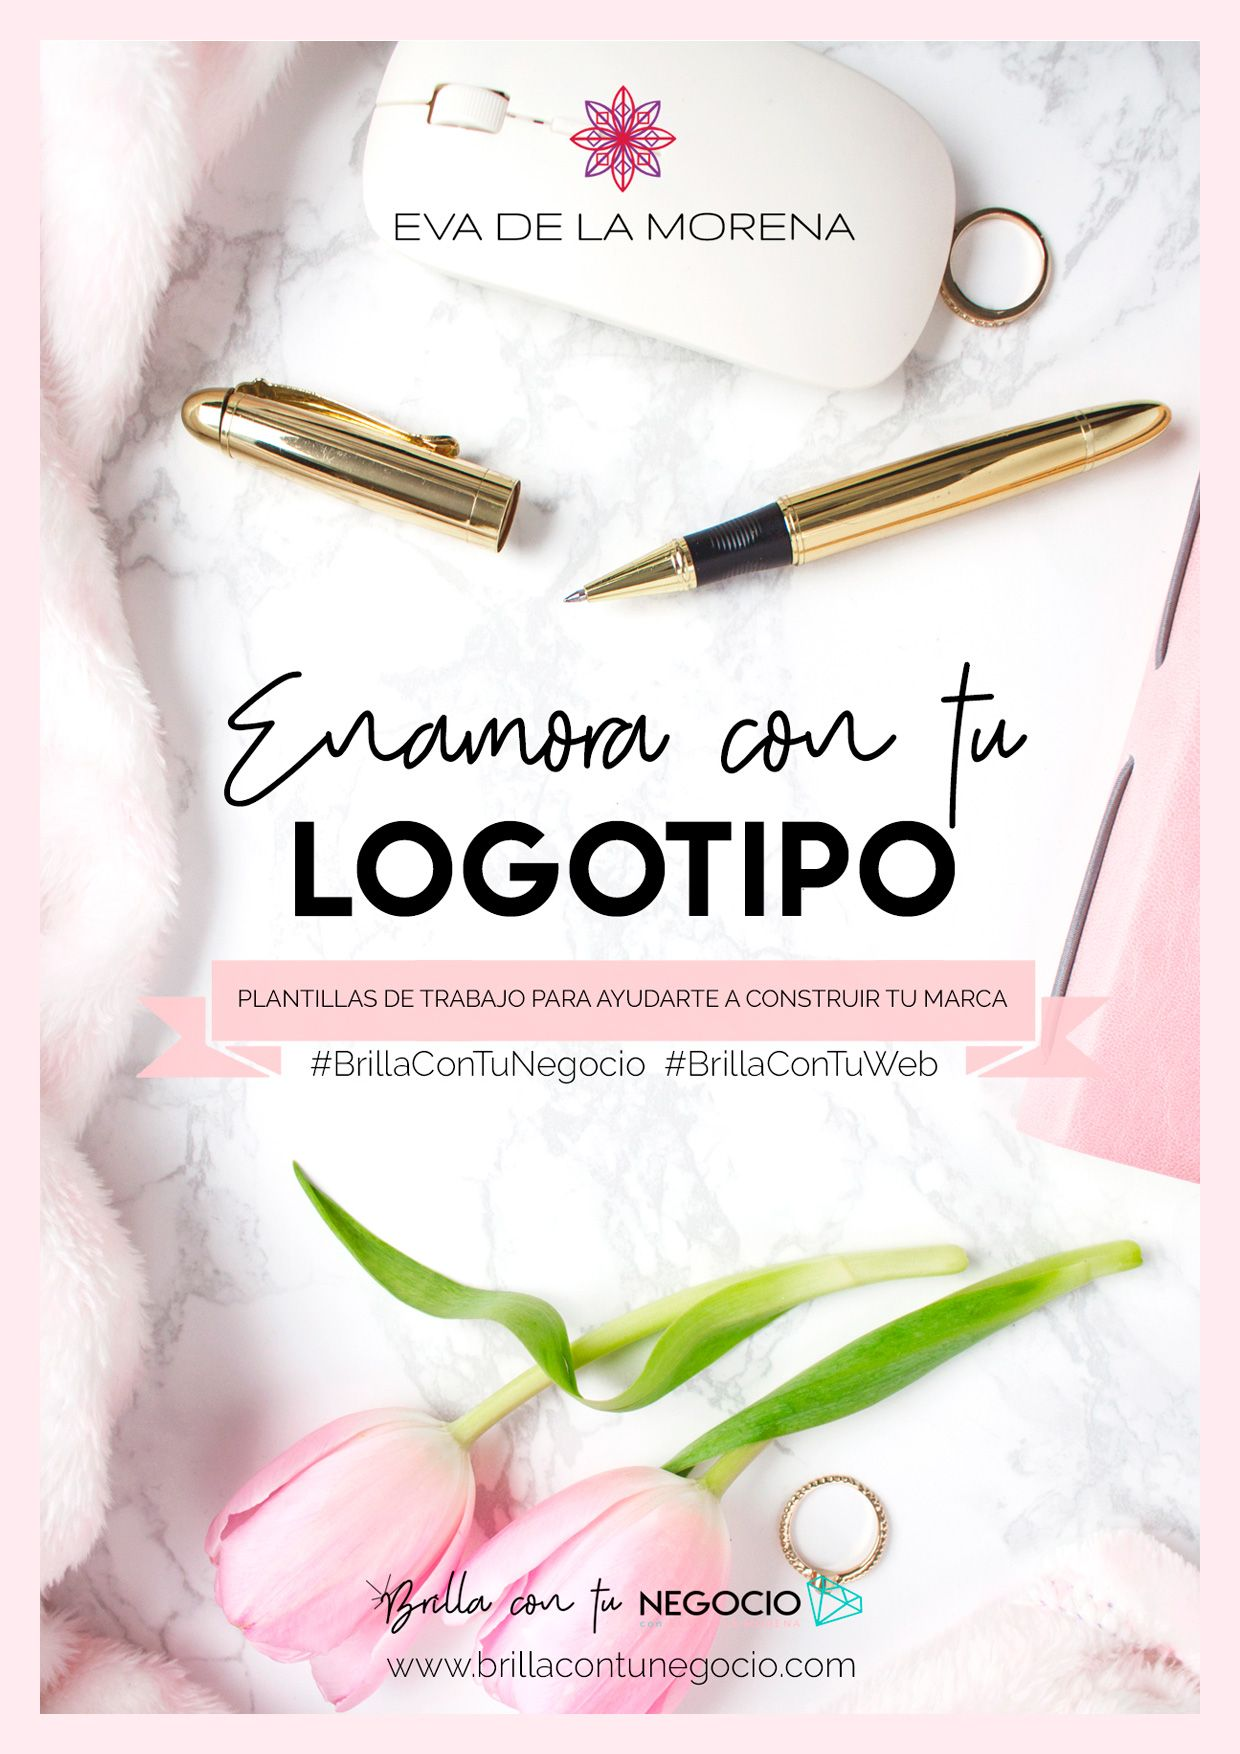 Enamora con tu logotipo: un ebook para encontrar la inspiración que necesitas para crear un logo que ayude a posicionar tu marca en el mercado.